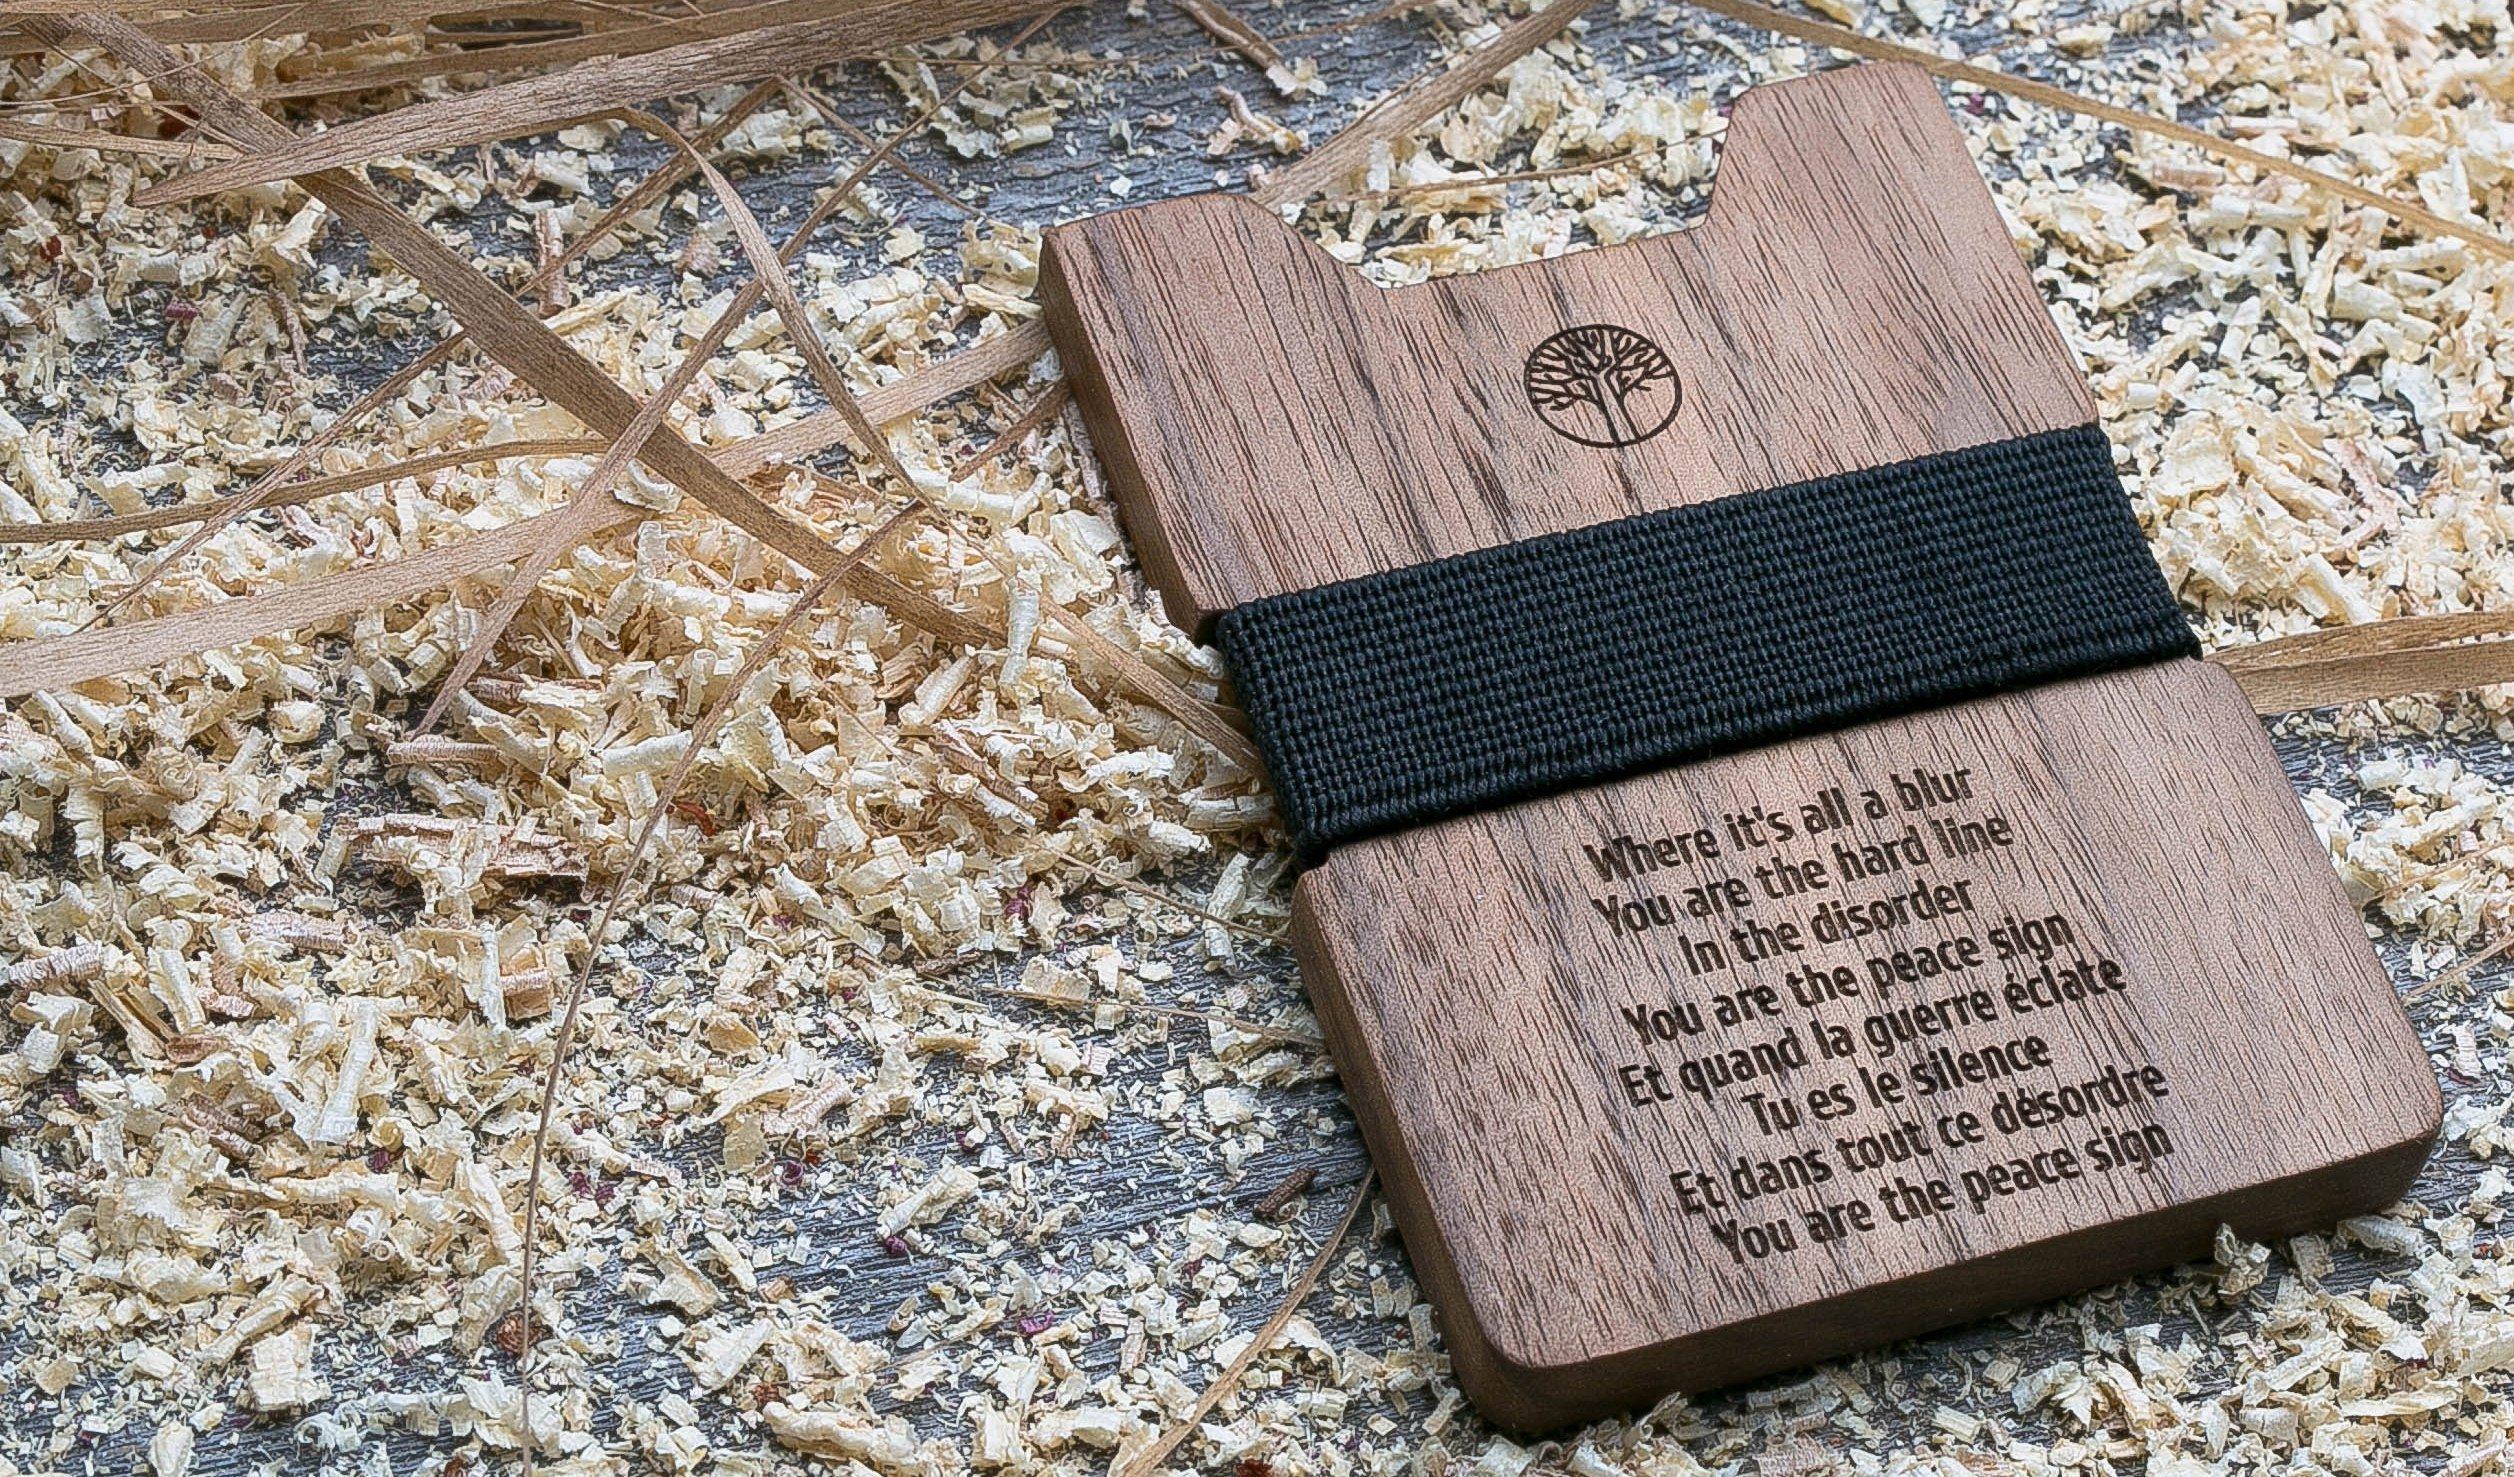 Деревянный кошелек  из африканского падука. Вертикальная загрузка. Для 1-6 пластиковых карт и купюр. Поддержка Apple Pay. Гравировка имени или логотипа. Бизнес сувенир. Подарок другу. Именной кошелек